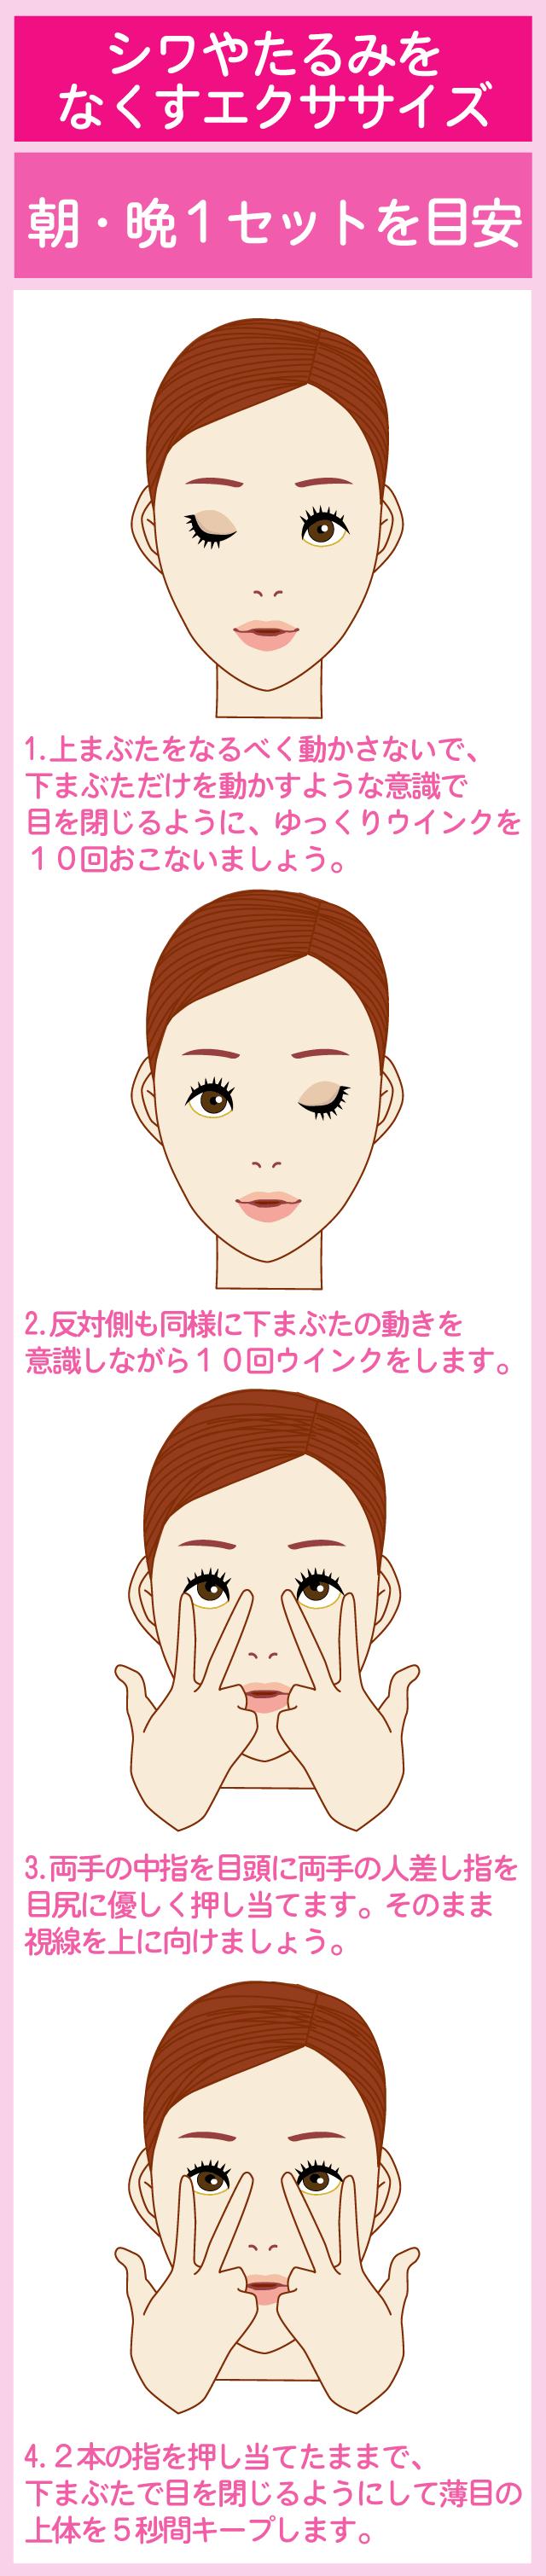 表情筋エクササイズ